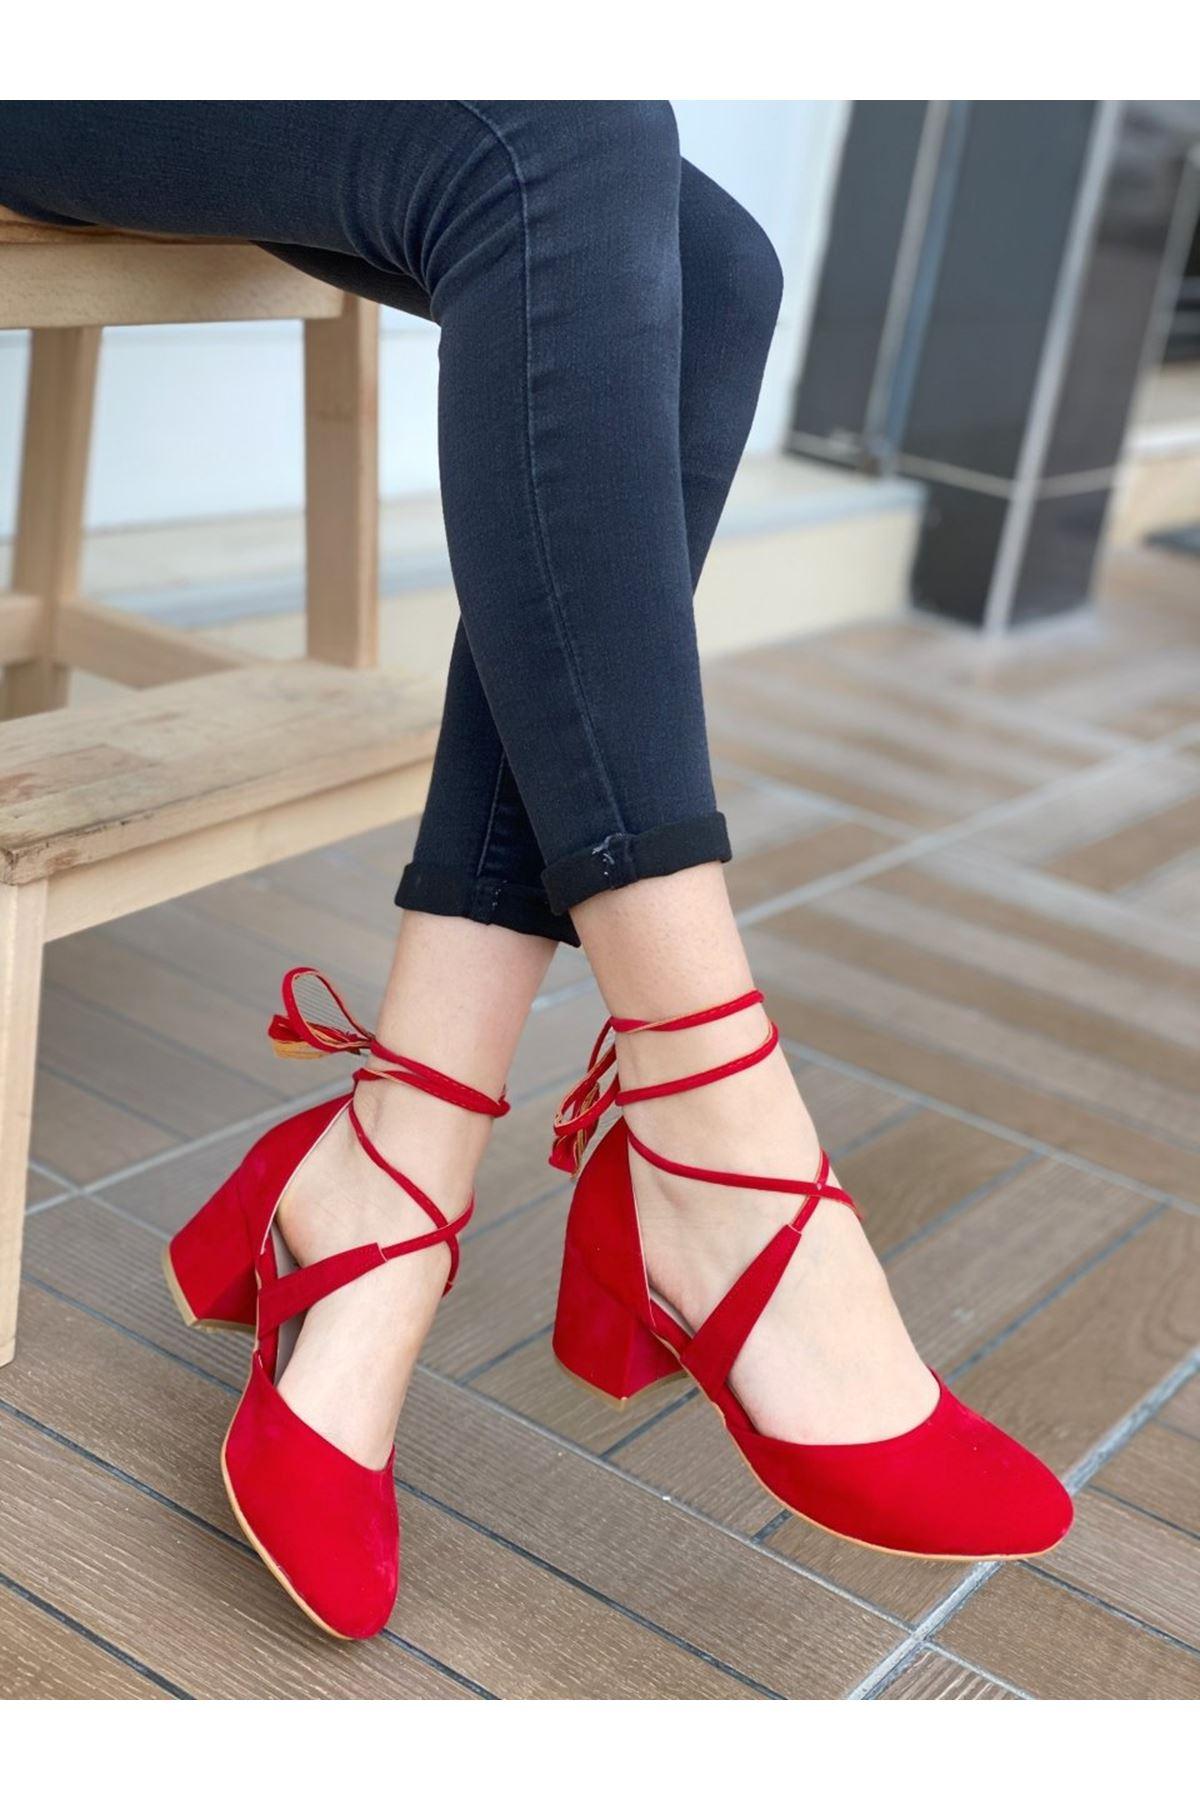 Kadın Vadde Kısa Topuklu Kırmızı Süet Ayakkabı